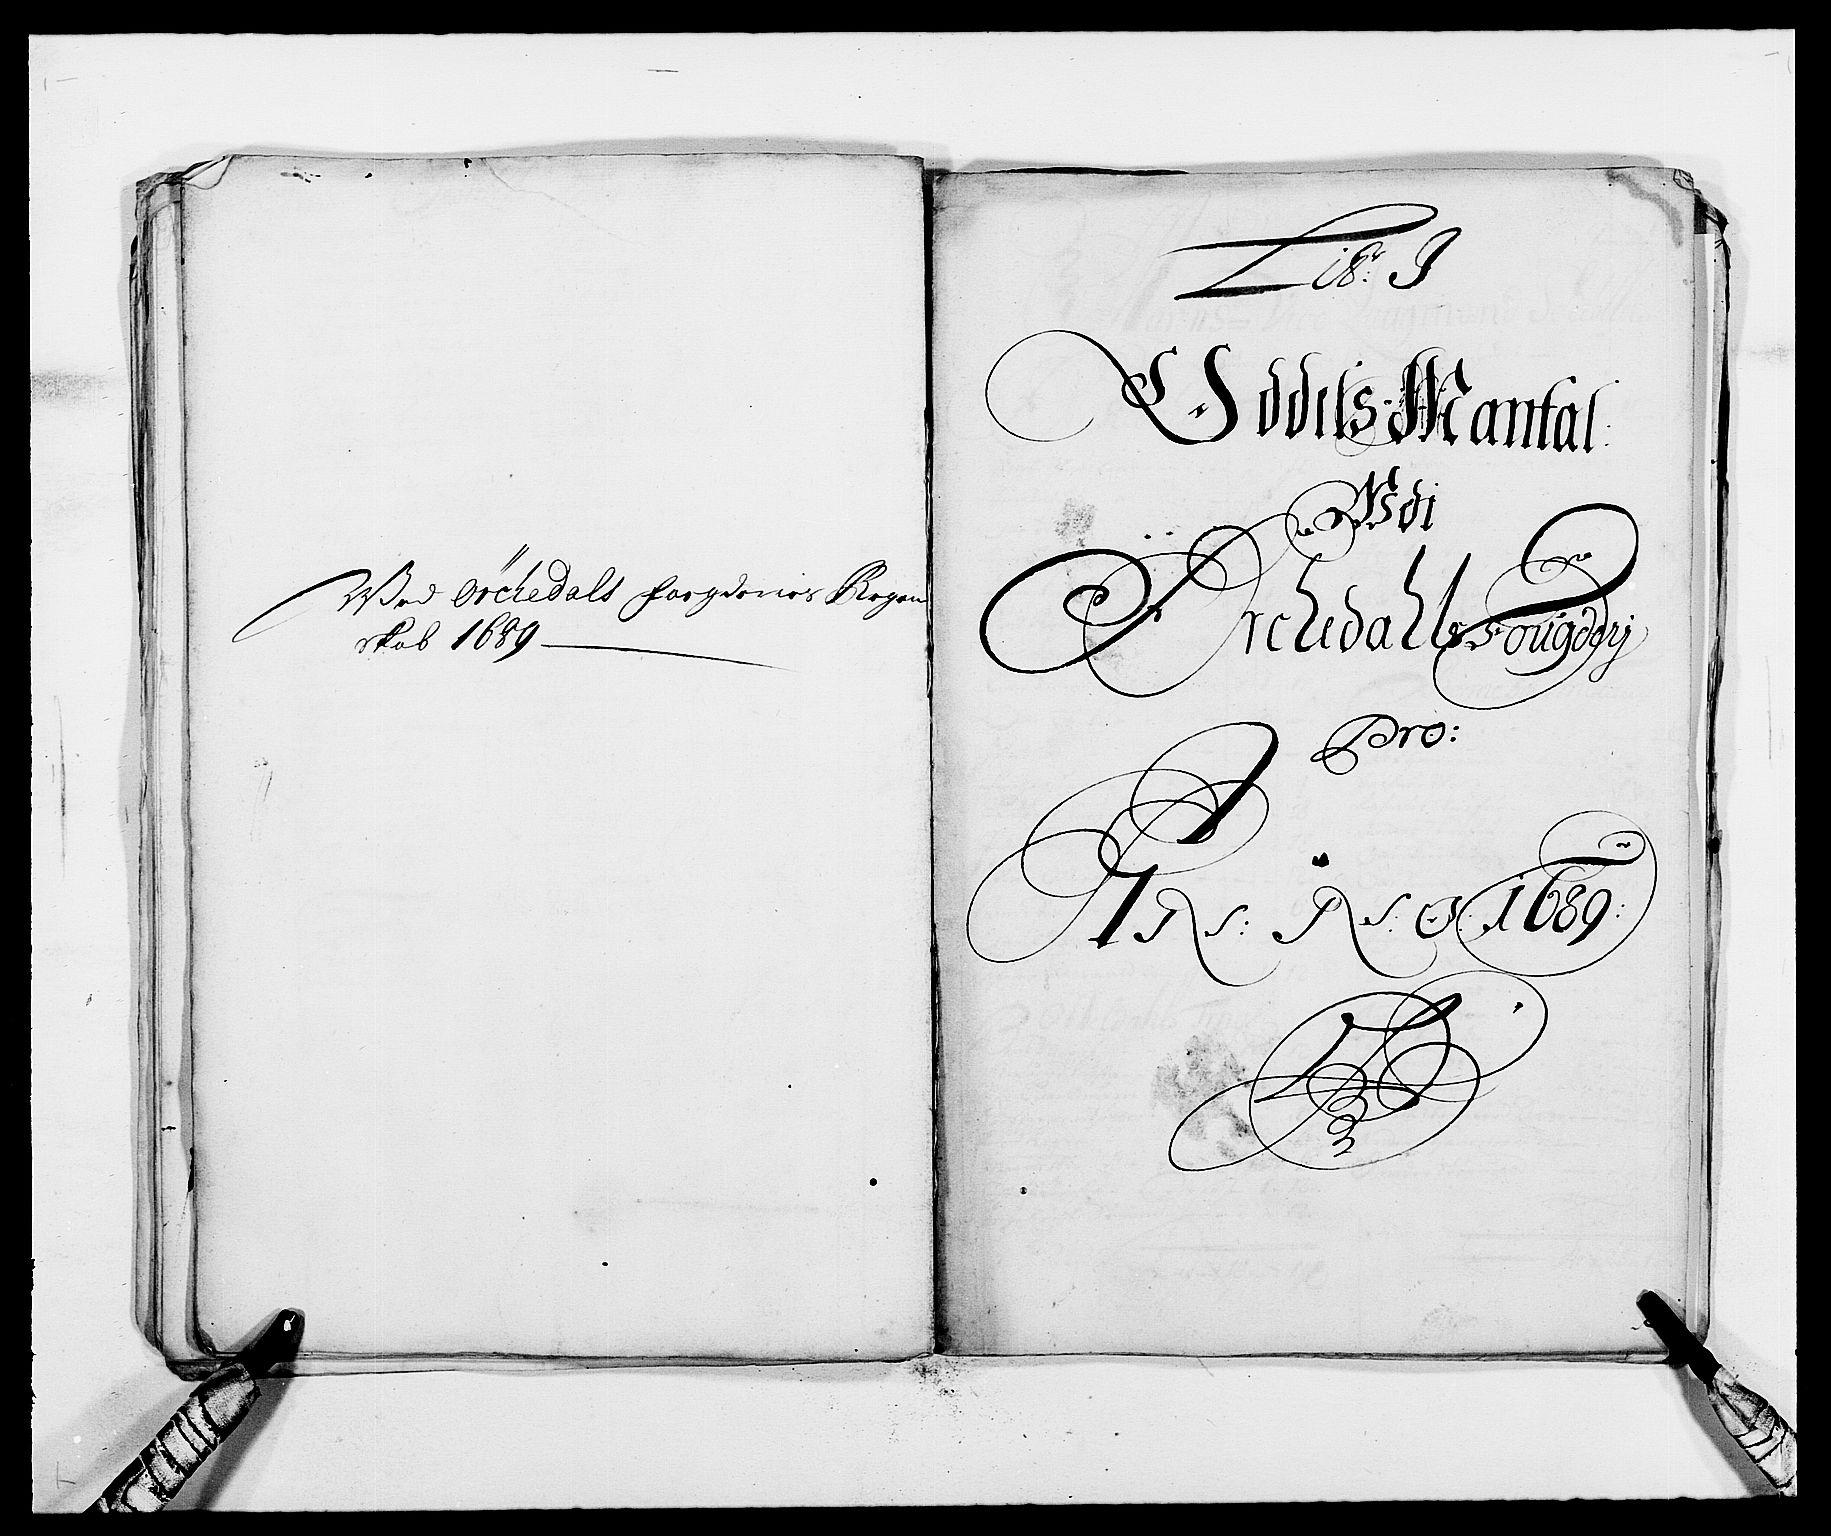 RA, Rentekammeret inntil 1814, Reviderte regnskaper, Fogderegnskap, R58/L3936: Fogderegnskap Orkdal, 1689-1690, s. 89